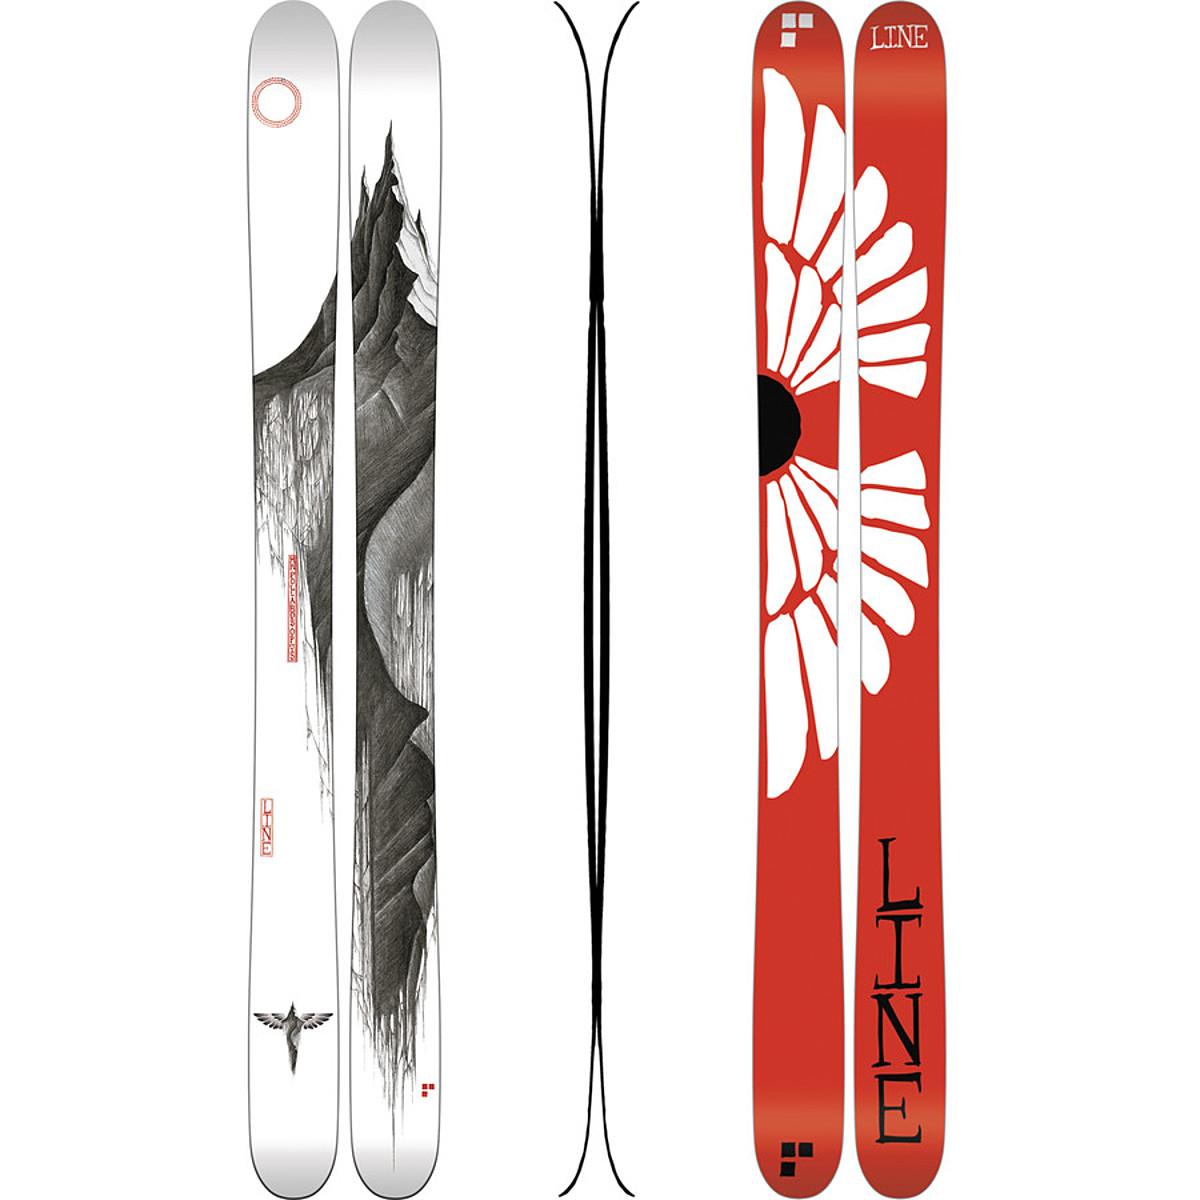 Line Skis Mr. Pollard's Opus Ski